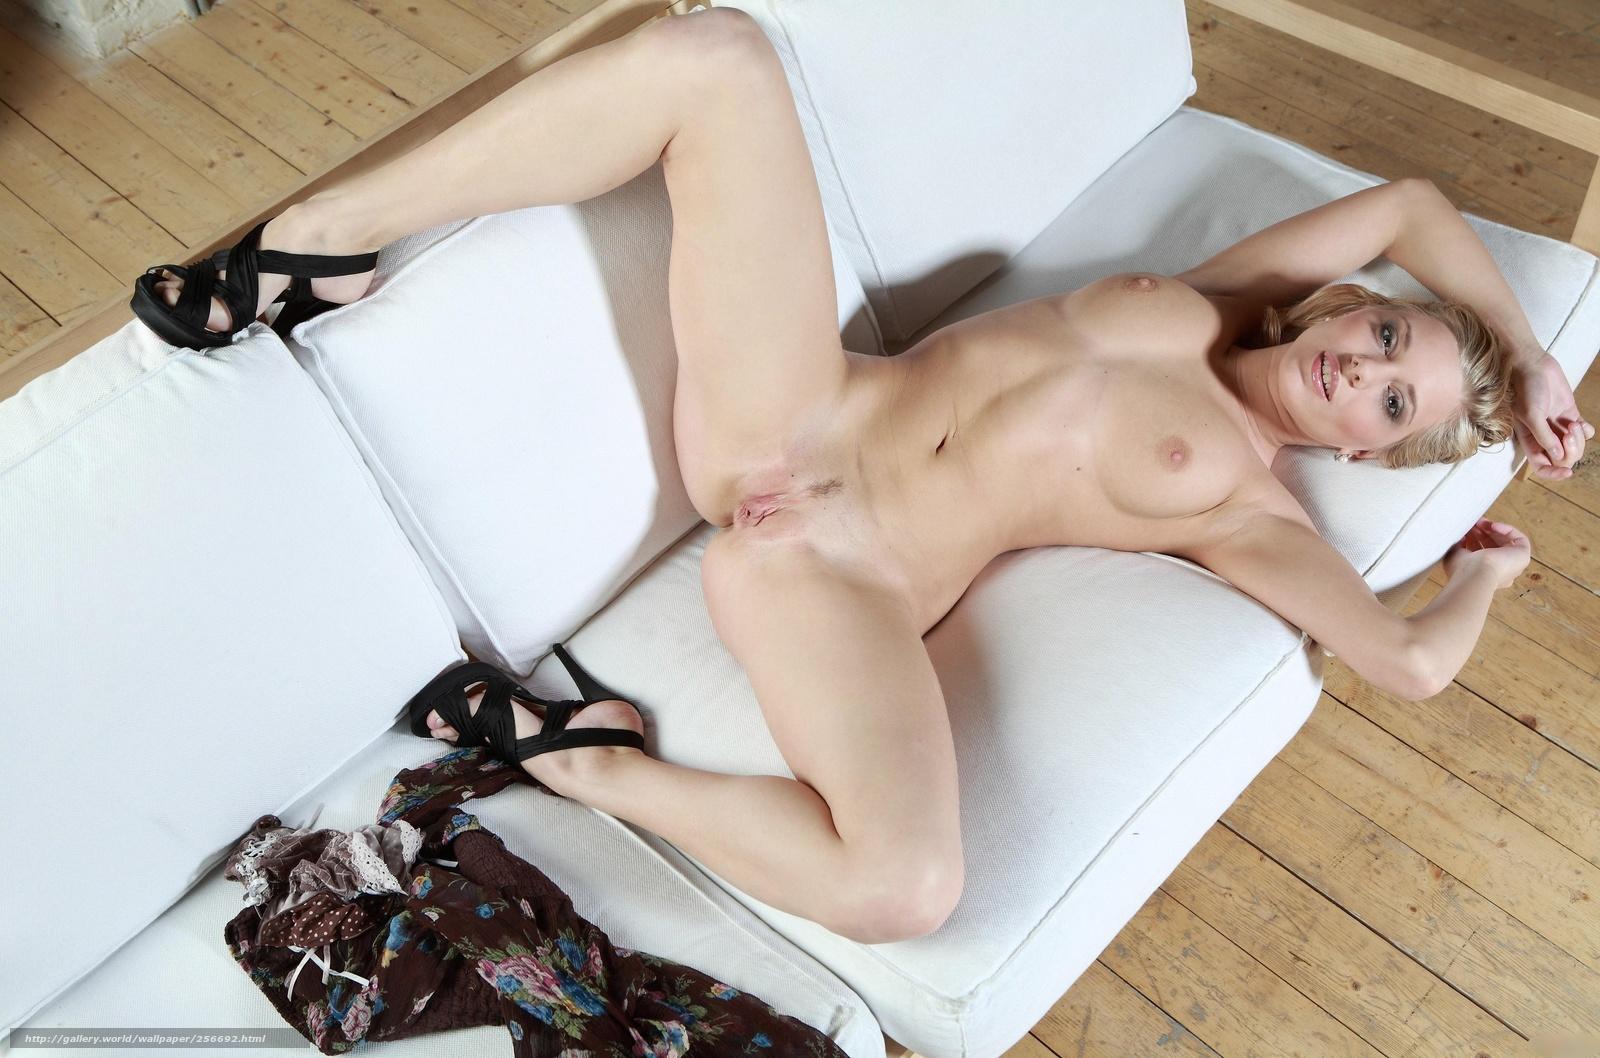 Просмотр супер эротики 5 фотография